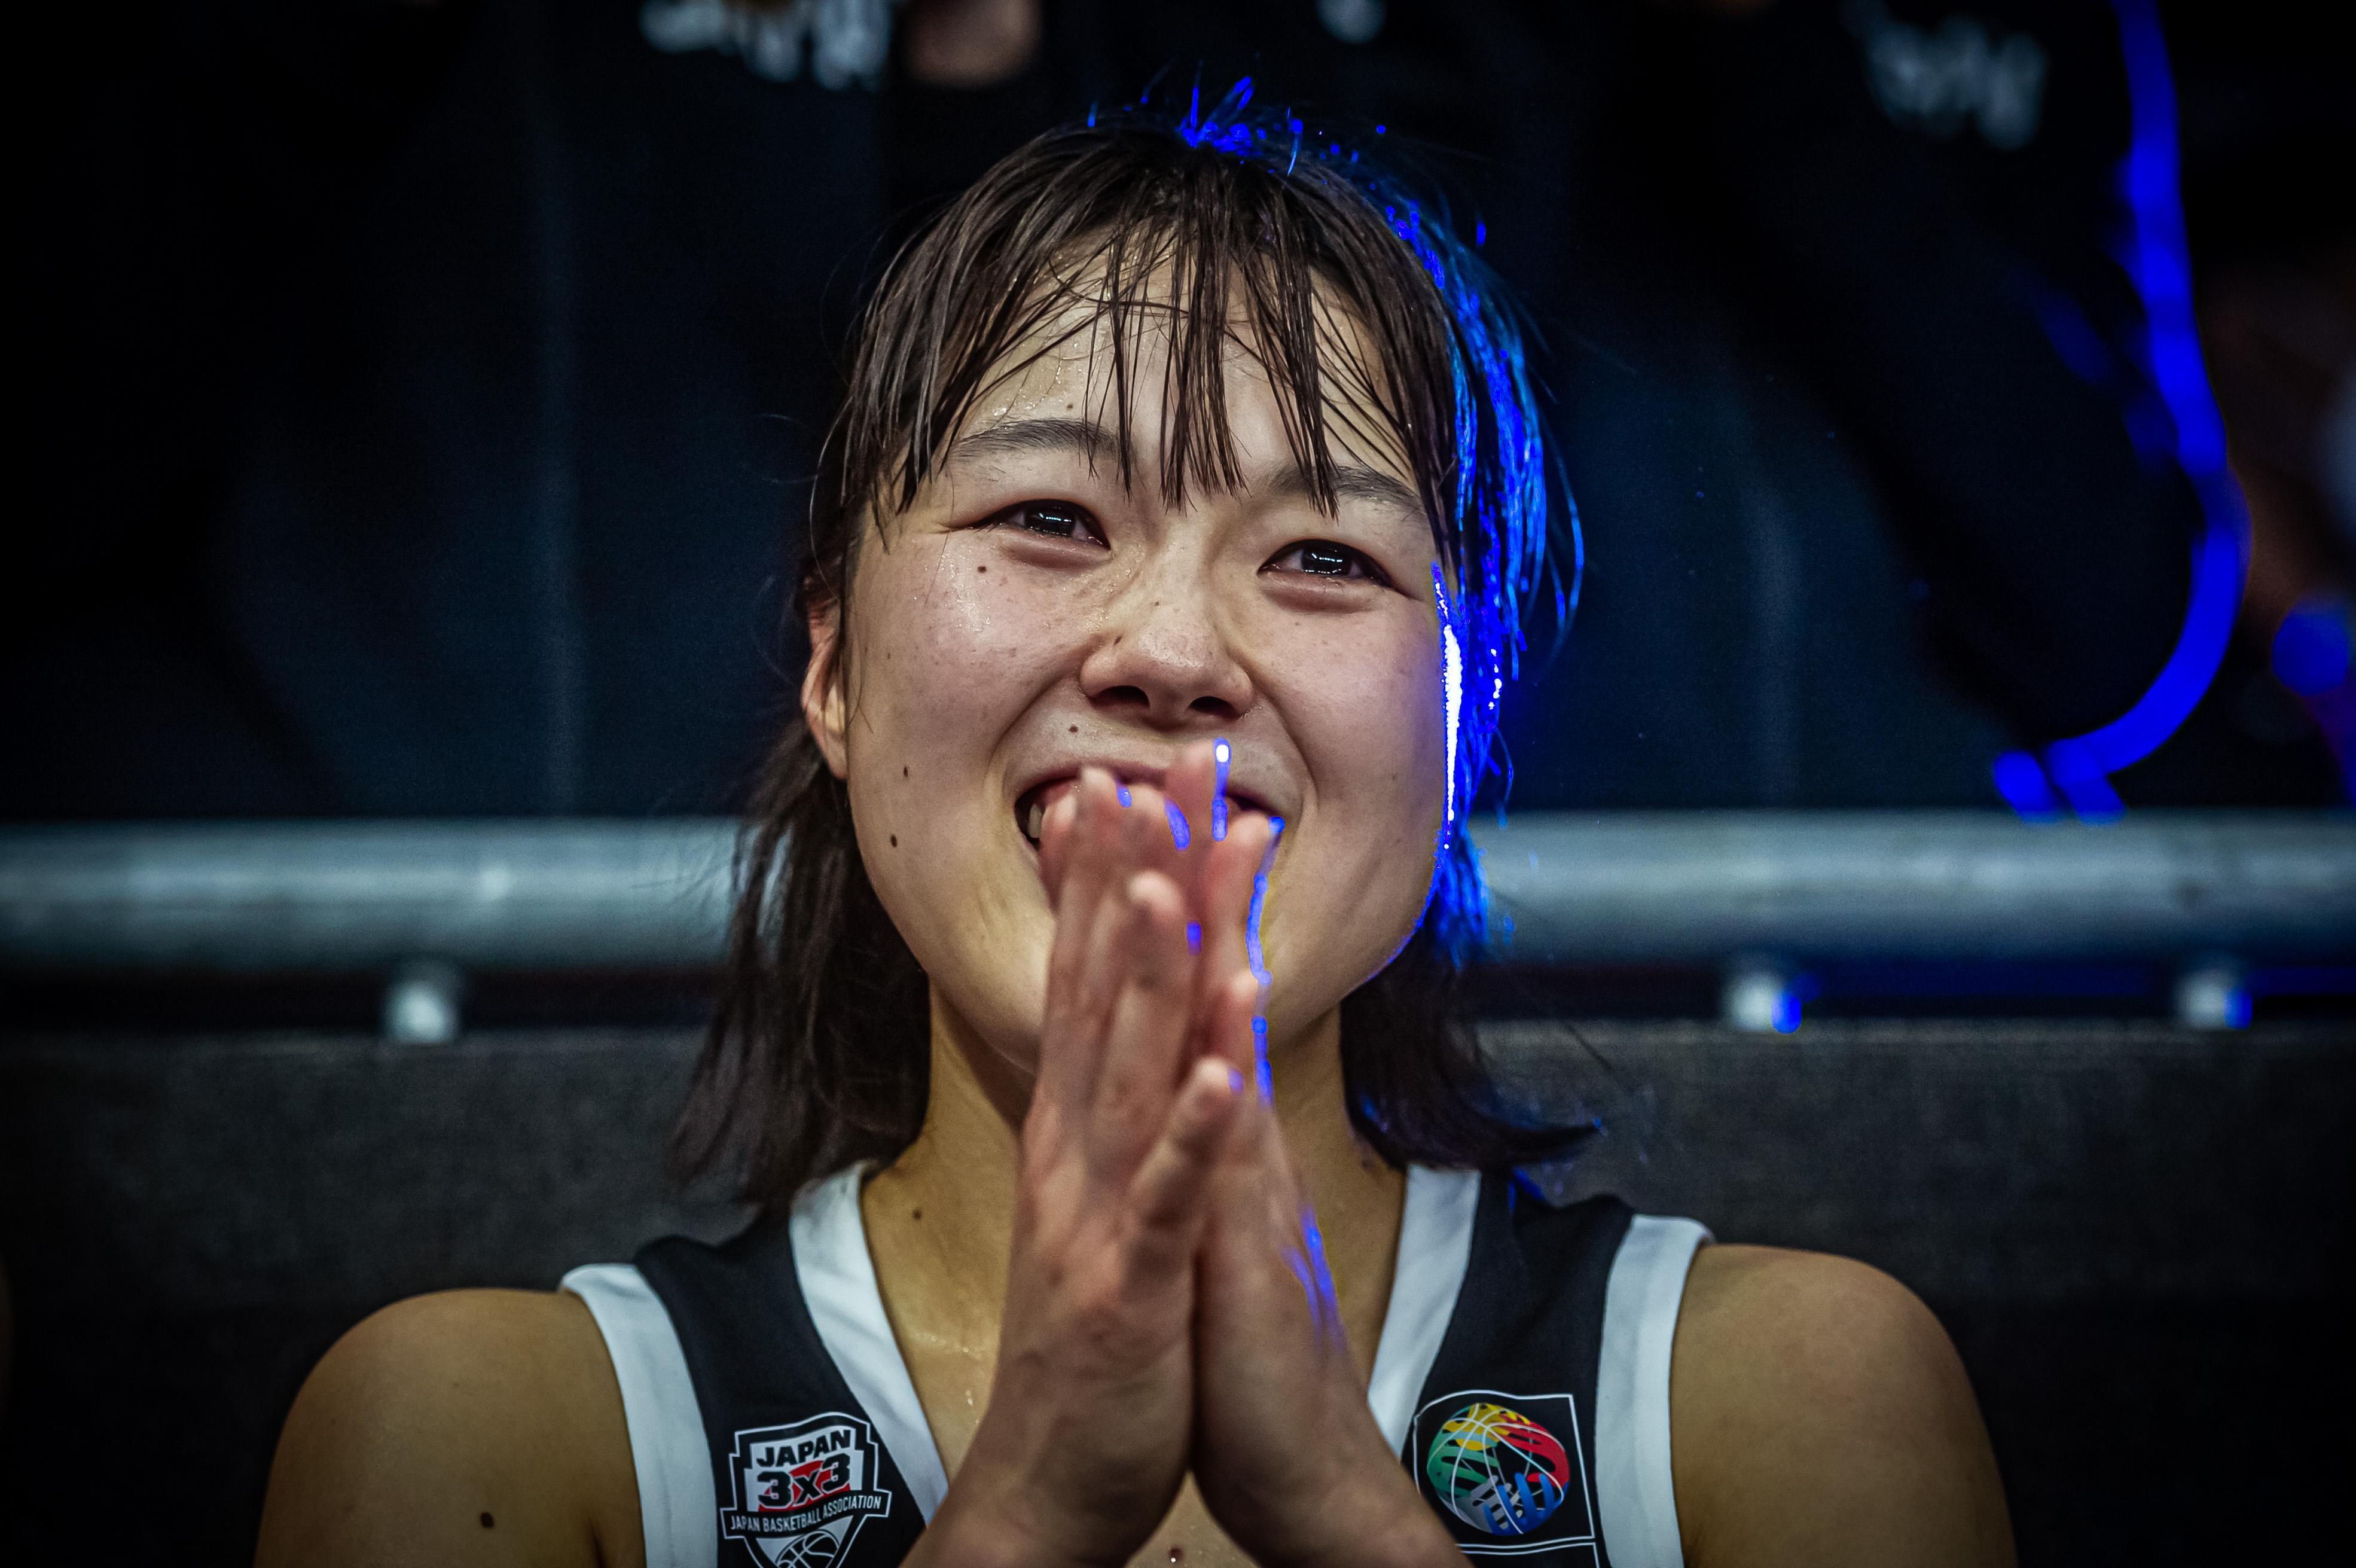 3人制バスケ女子日本代表のメンバーは何人?名前や実績などのプロフィール!